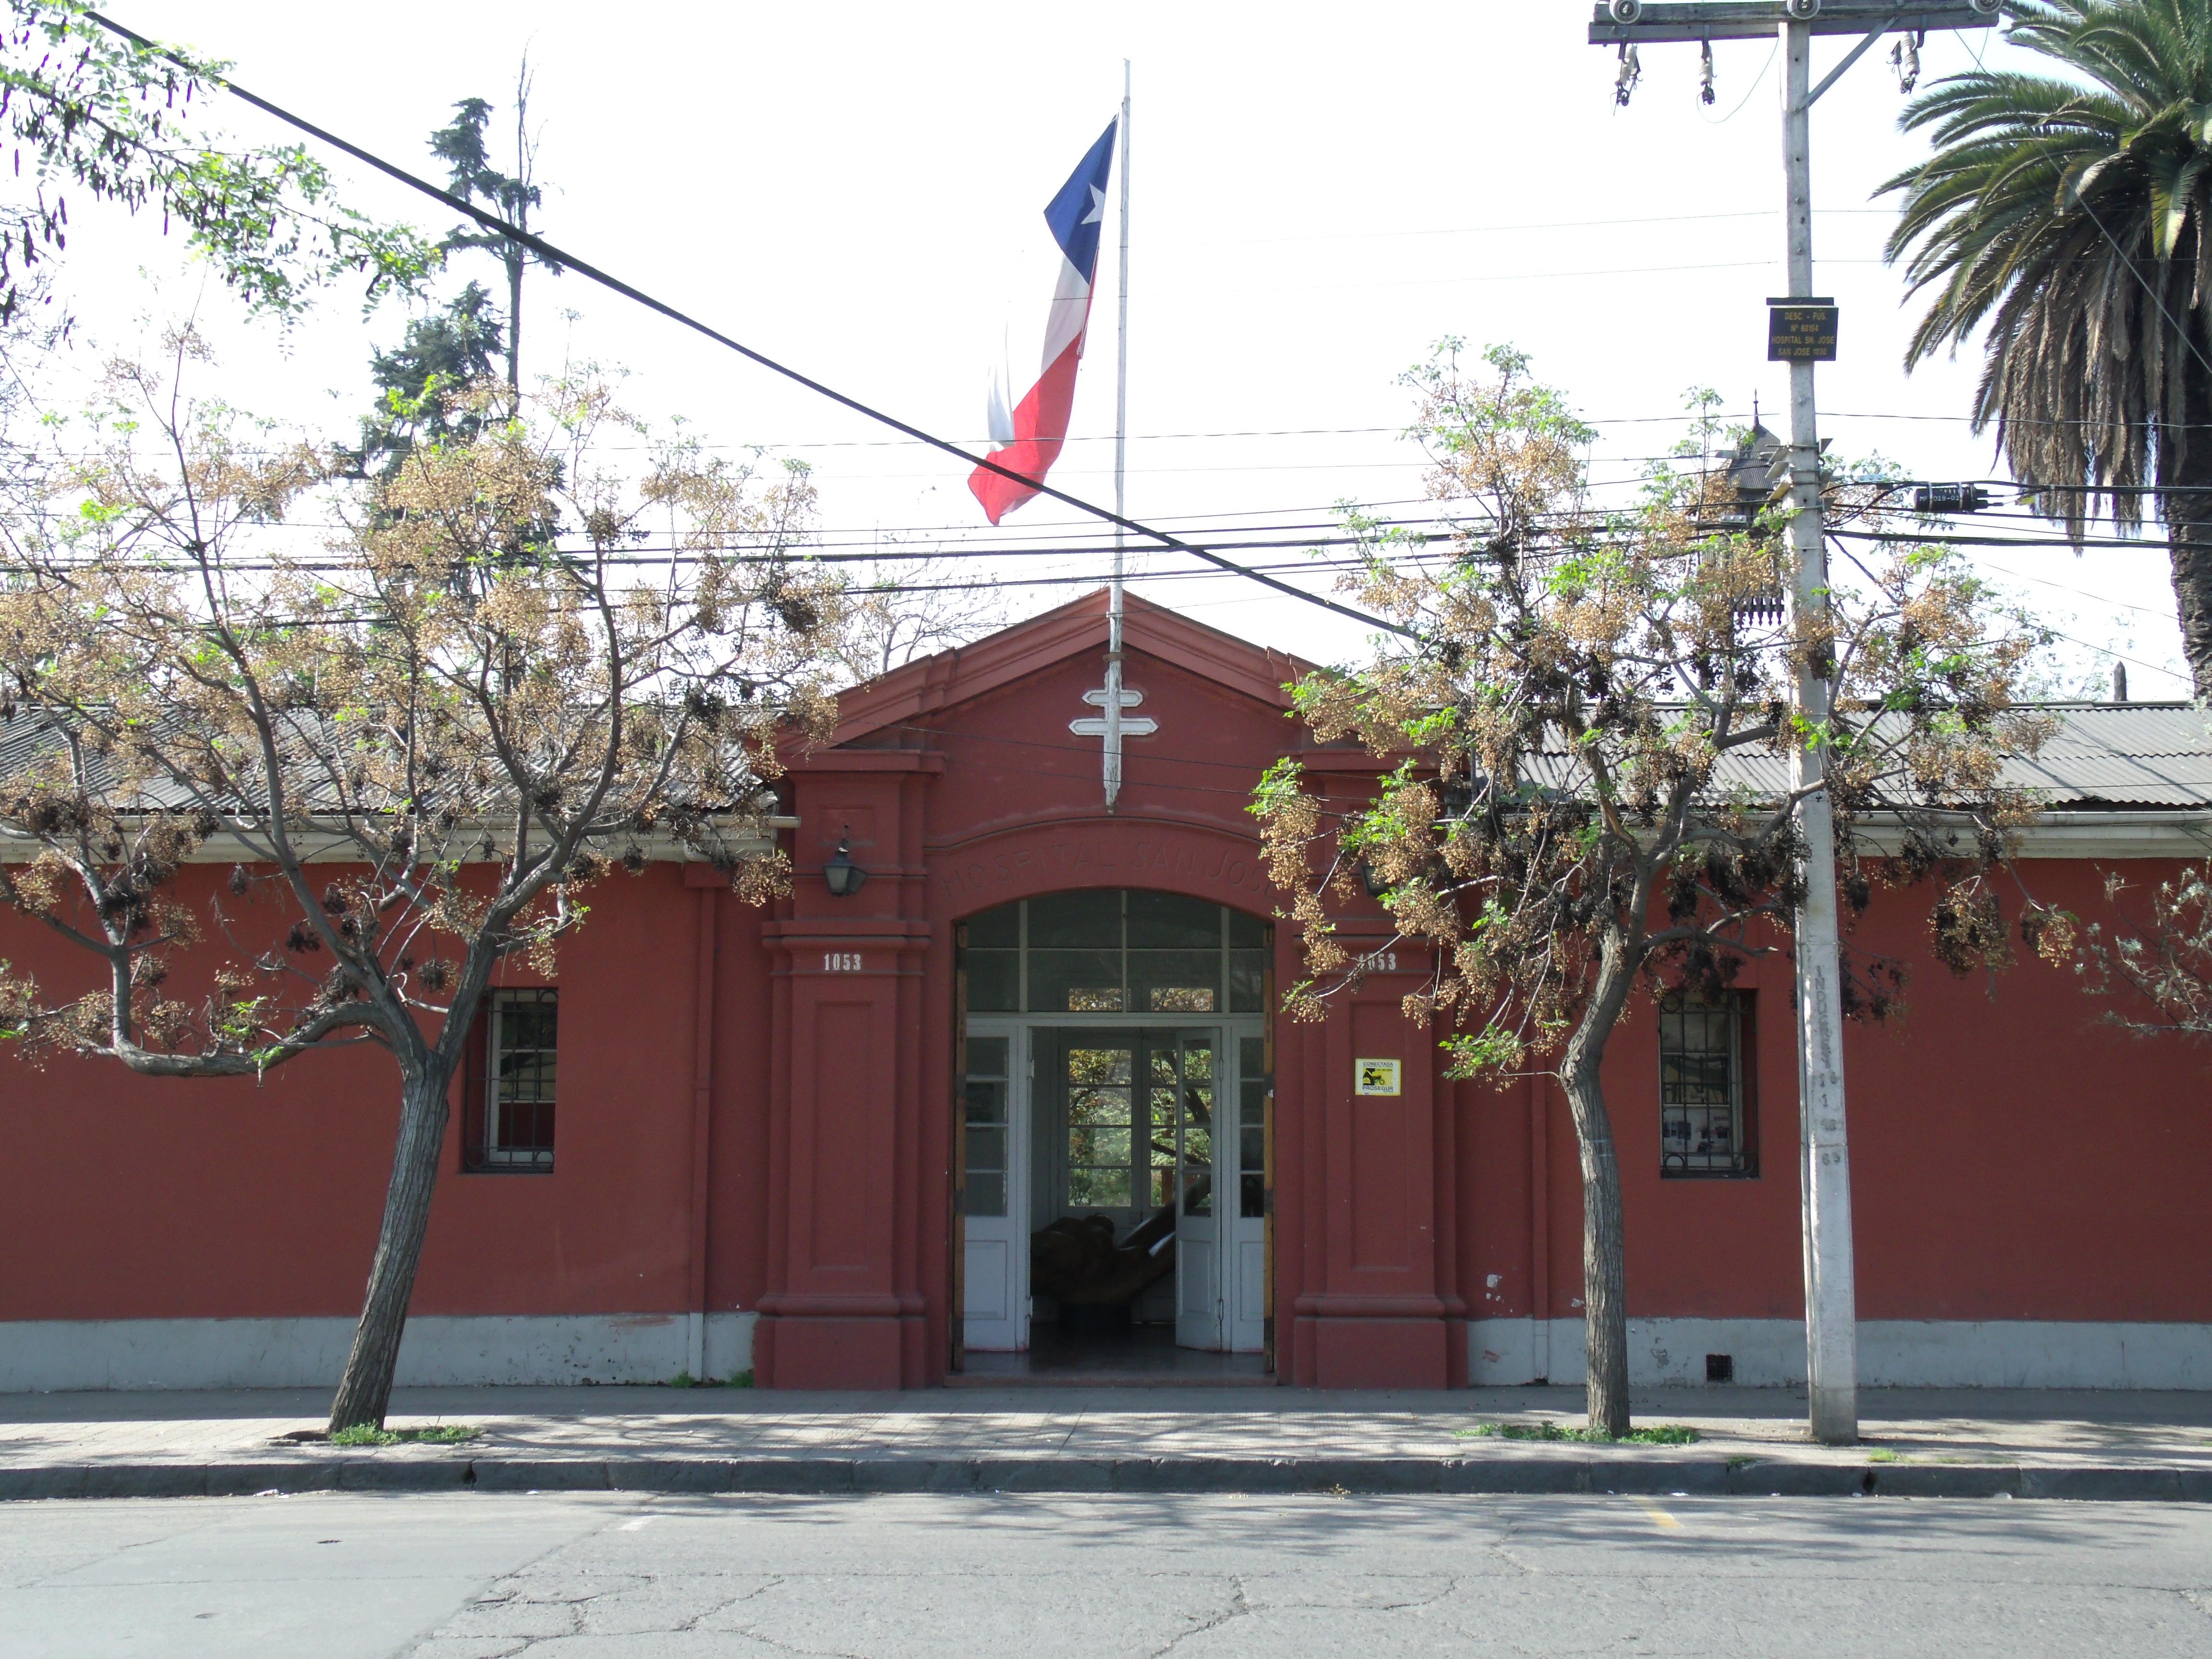 Tesis Doctoral Cultura Popular Y Formacion De Capital Patrimonial  # Muebles Loa Sur Ancud